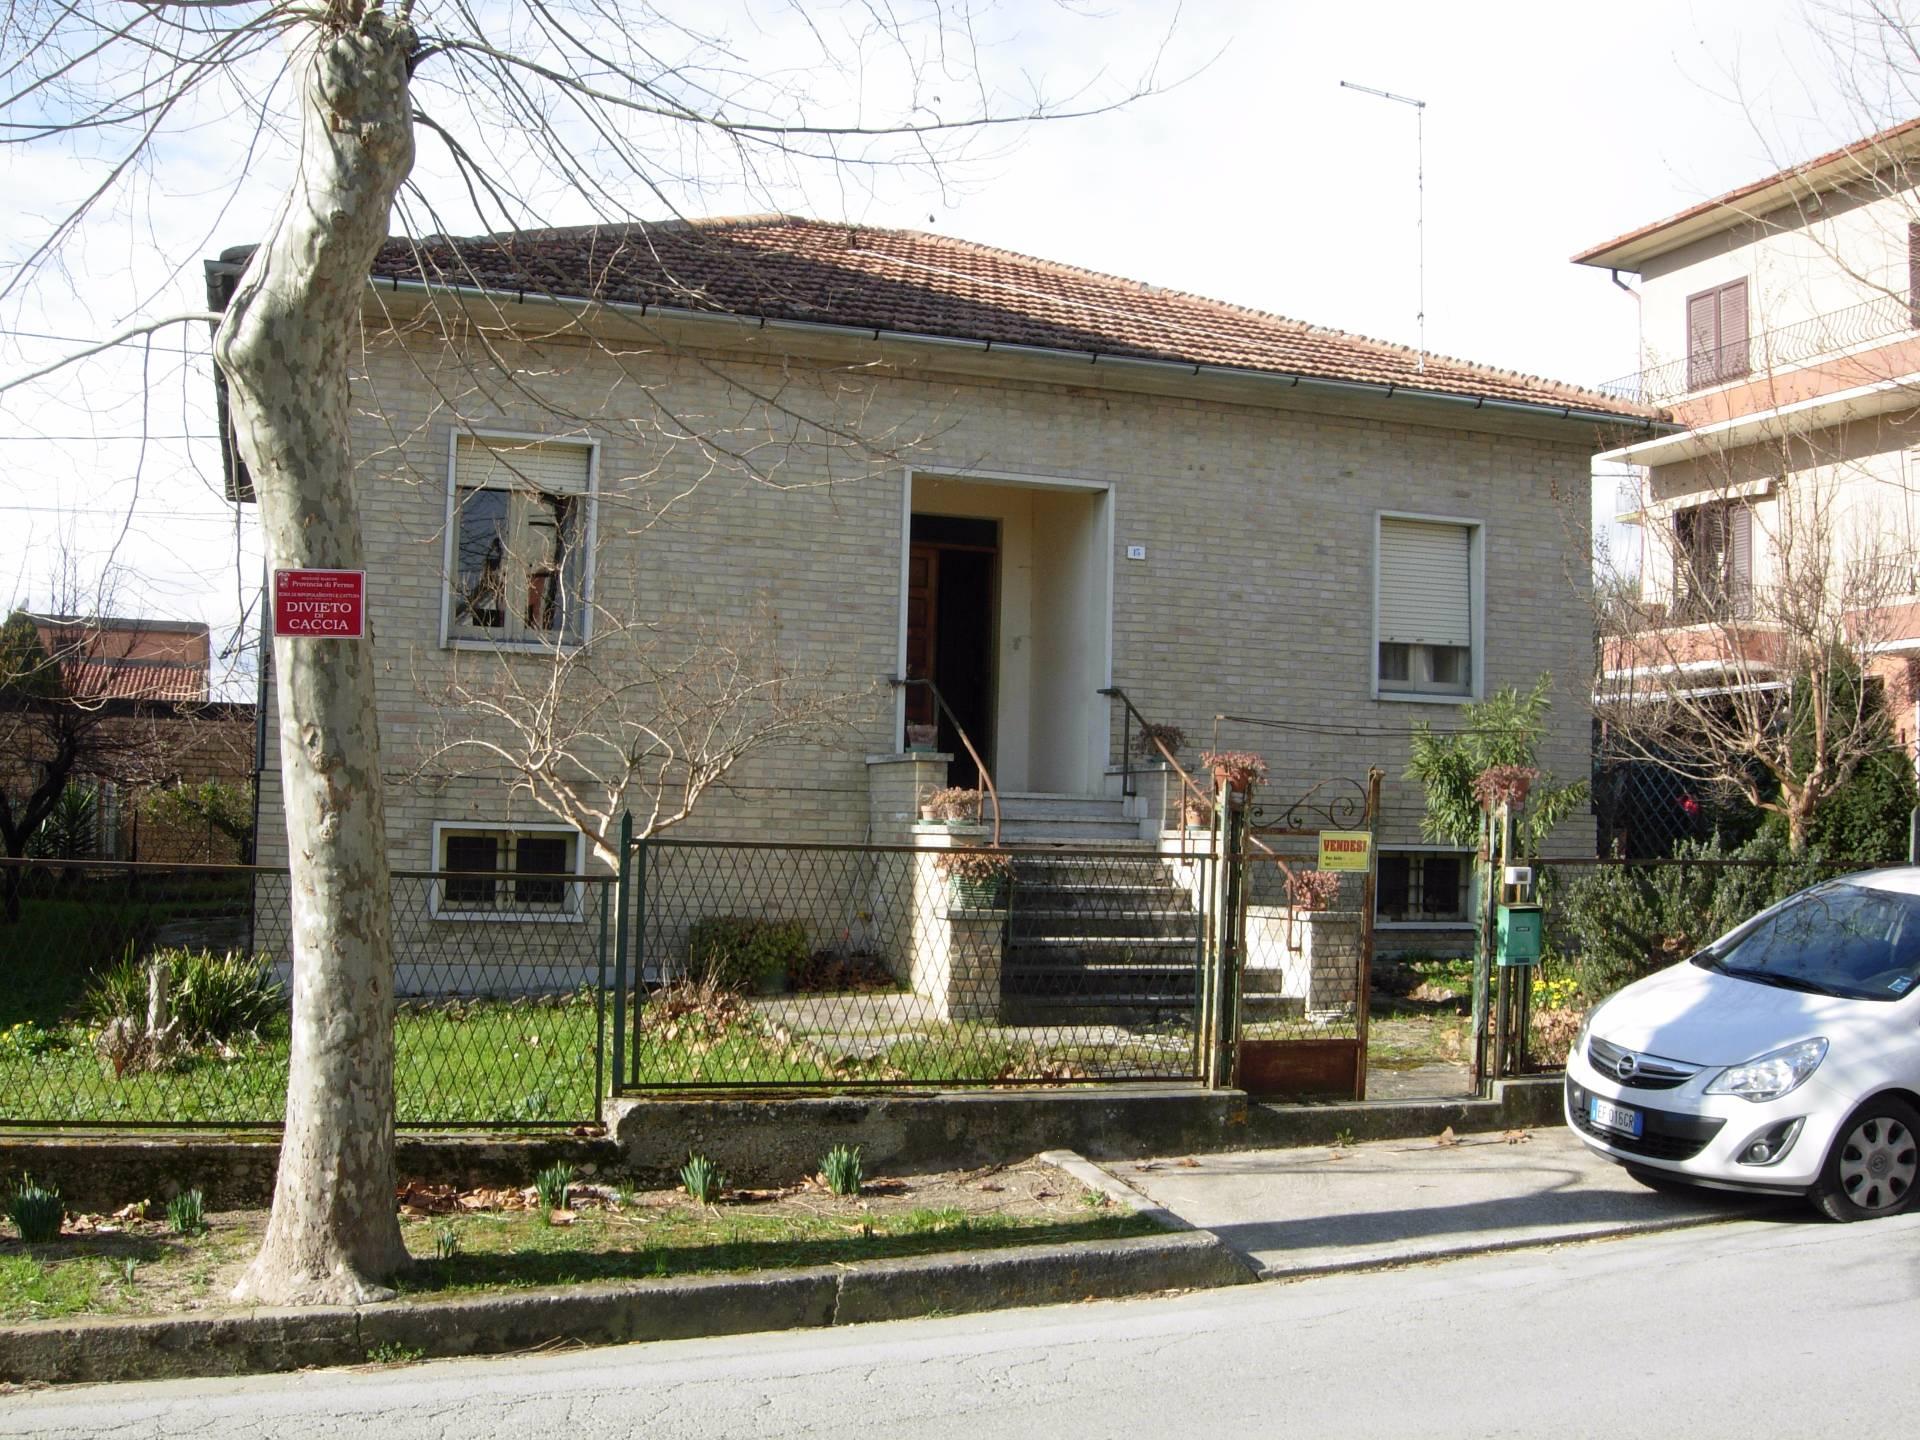 Soluzione Indipendente in vendita a Falerone, 5 locali, prezzo € 110.000 | Cambio Casa.it